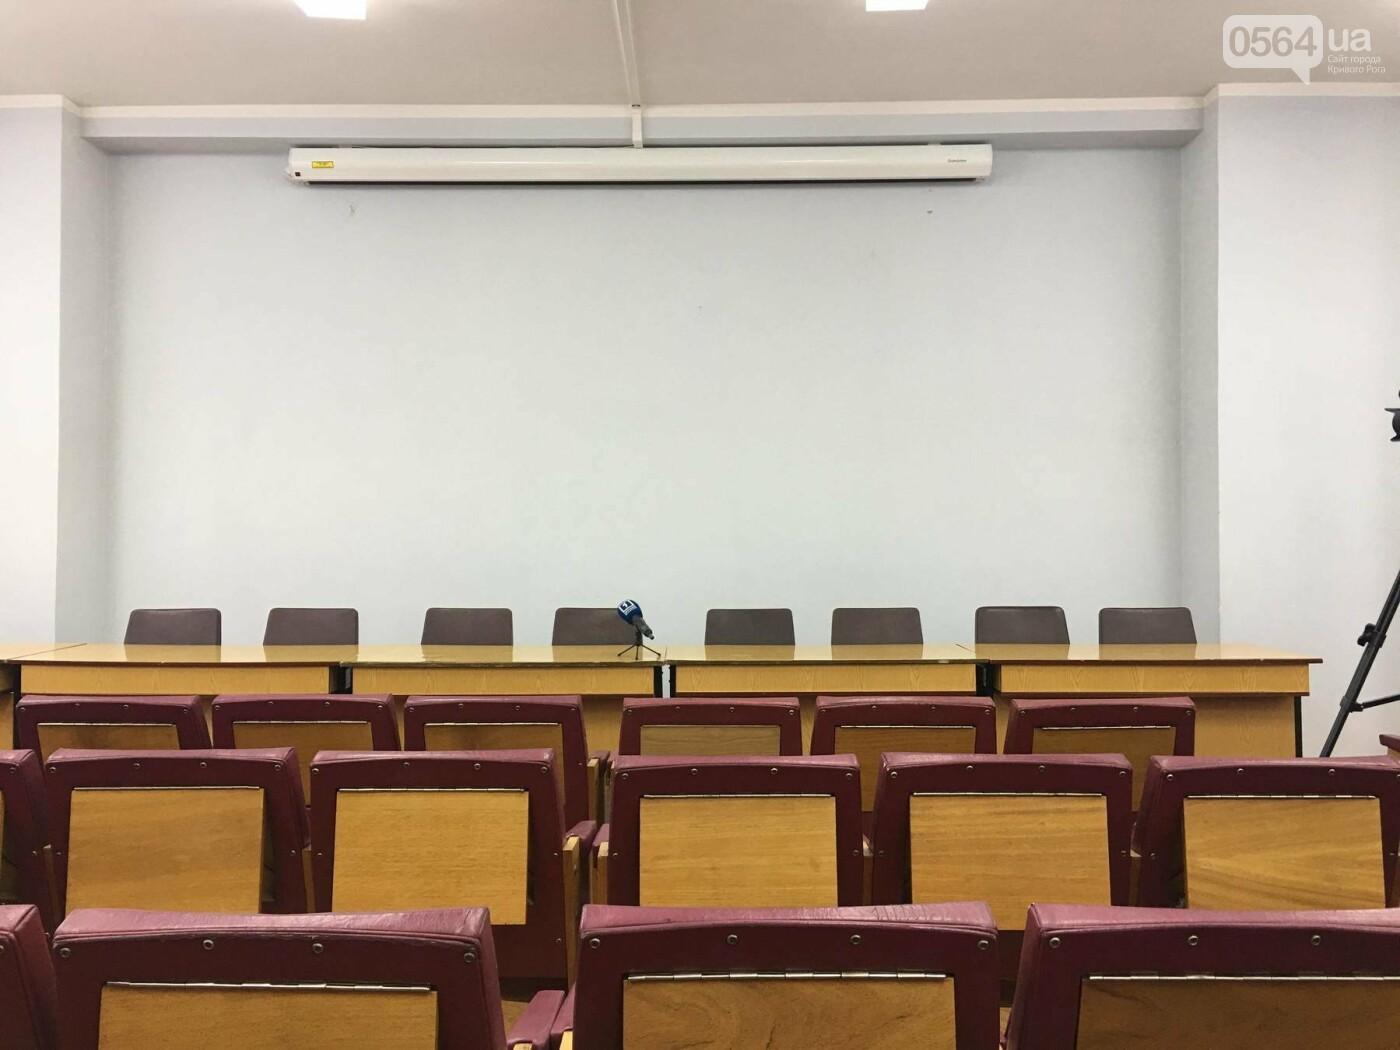 Шаббат в Кривом Роге: депутаты не пришли на заседание комиссий по вопросам срыва отопительного сезона , - ФОТО , фото-1